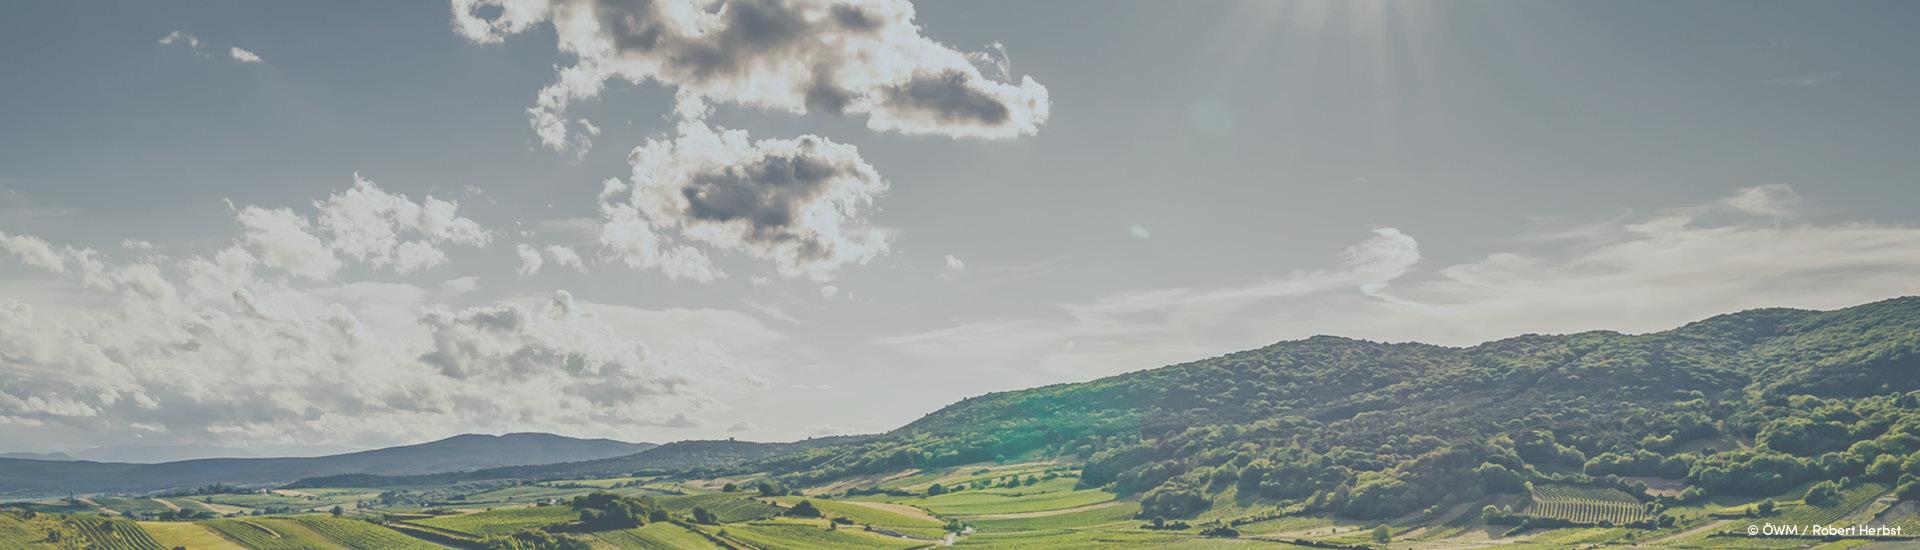 Weine - Vinorama on Tour: Die 7 Elemente der Spannung 05/2021 - Slider